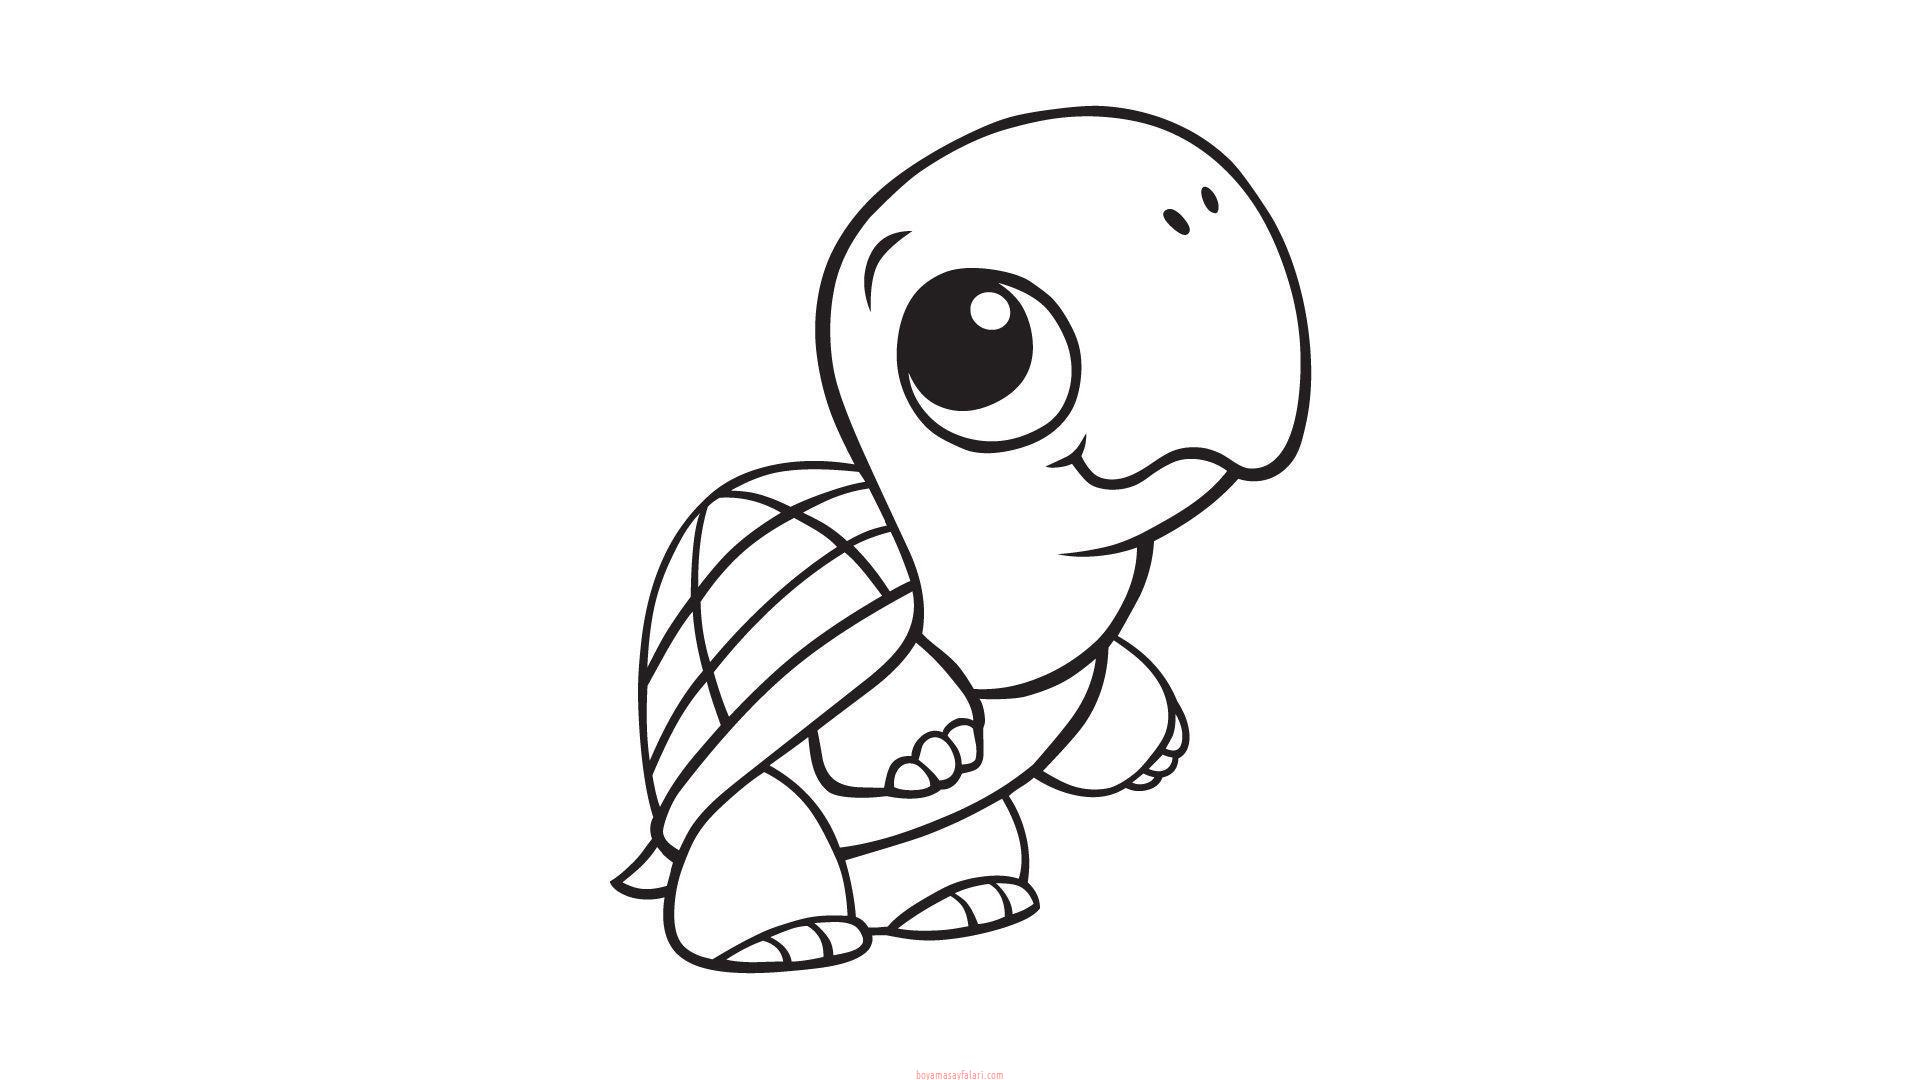 Kaplumbaga Boyama Sayfalari 3 Sinif Ogretmenleri Icin Ucretsiz